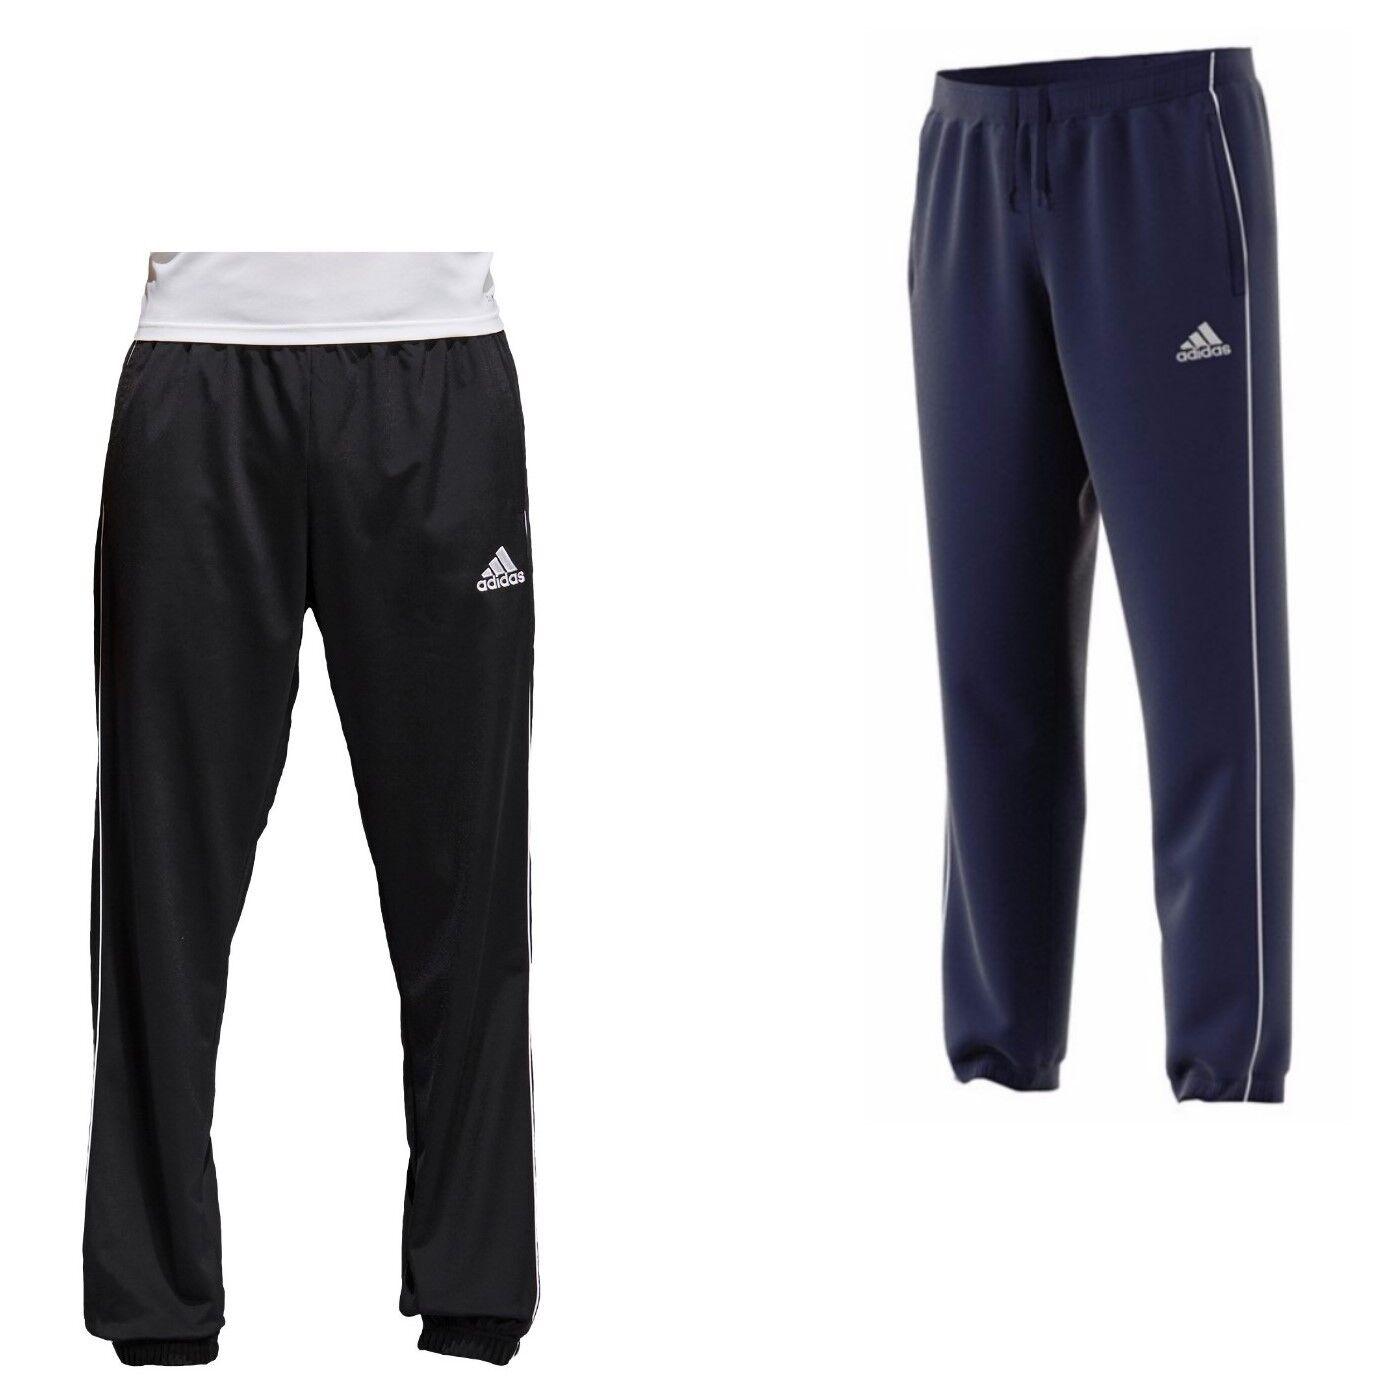 e5d0af13891afd adidas jogging Hose Herren Fußball Trainingshose Sporthose lang schwarz  Männer